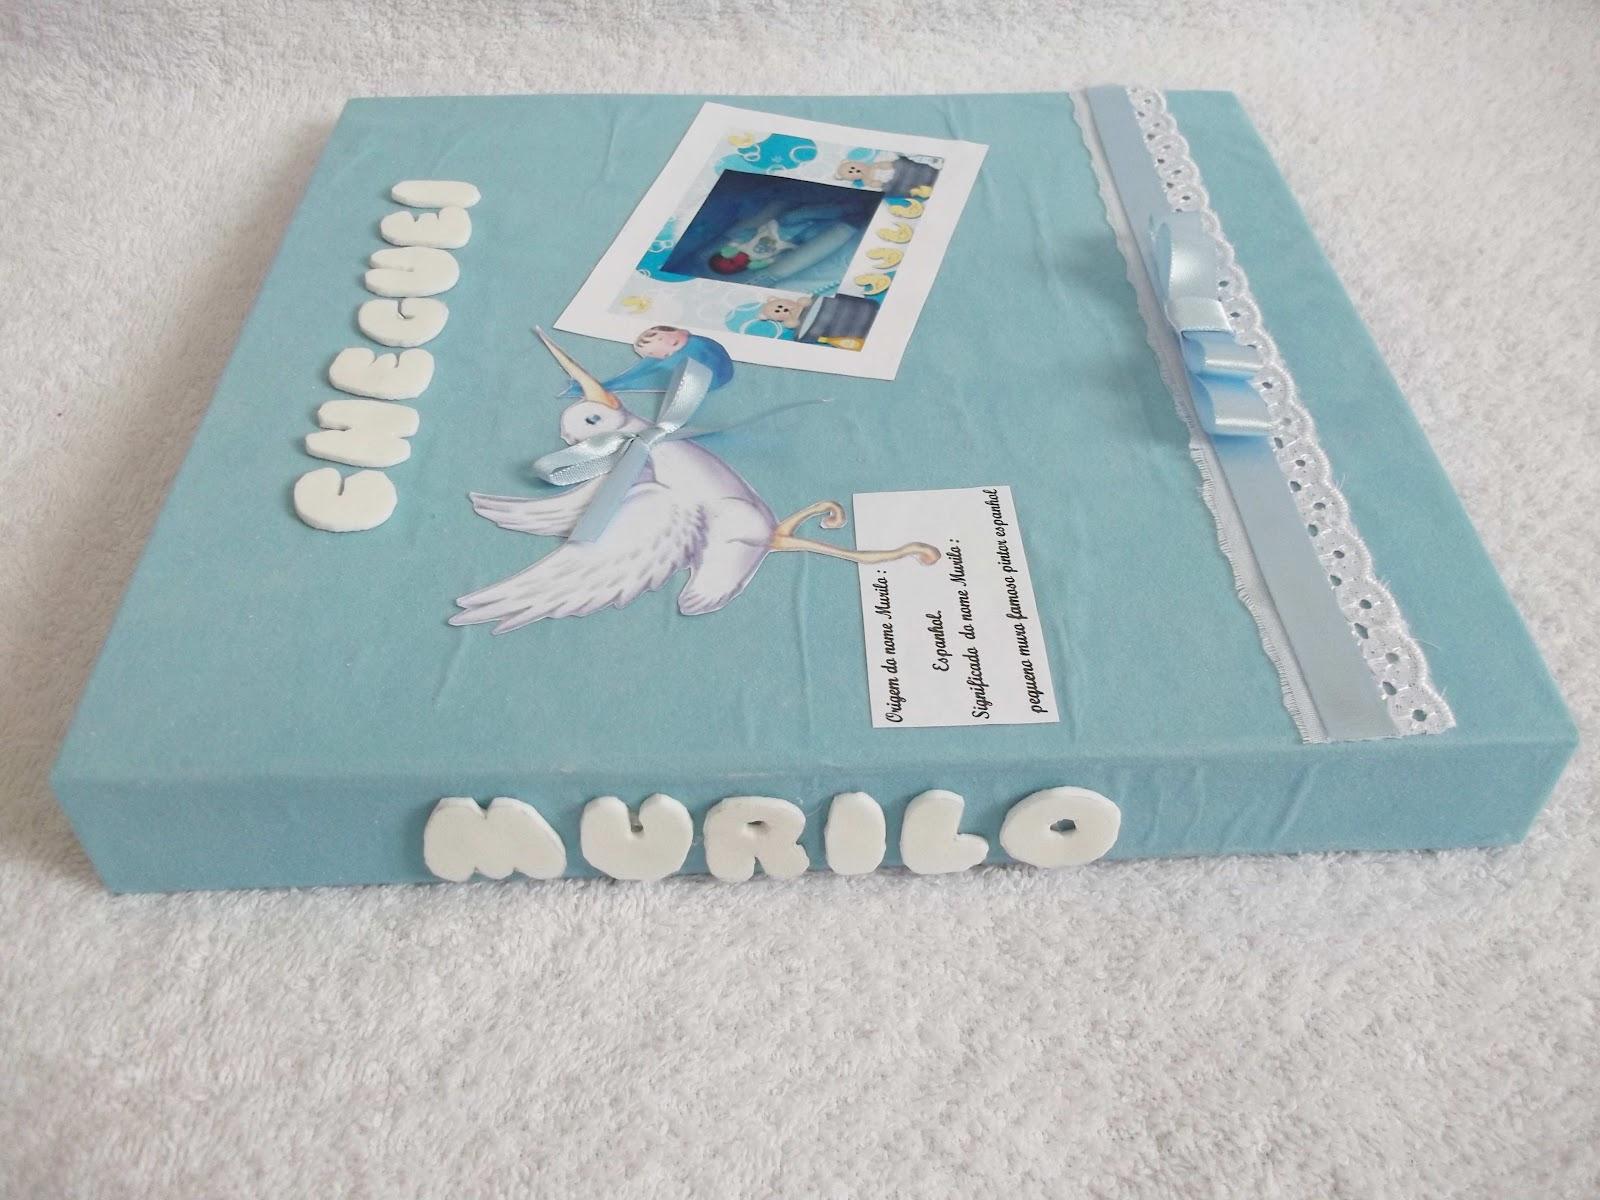 Ateli emporio art s album de fotos personalizado beb - Album para guardar fotos ...